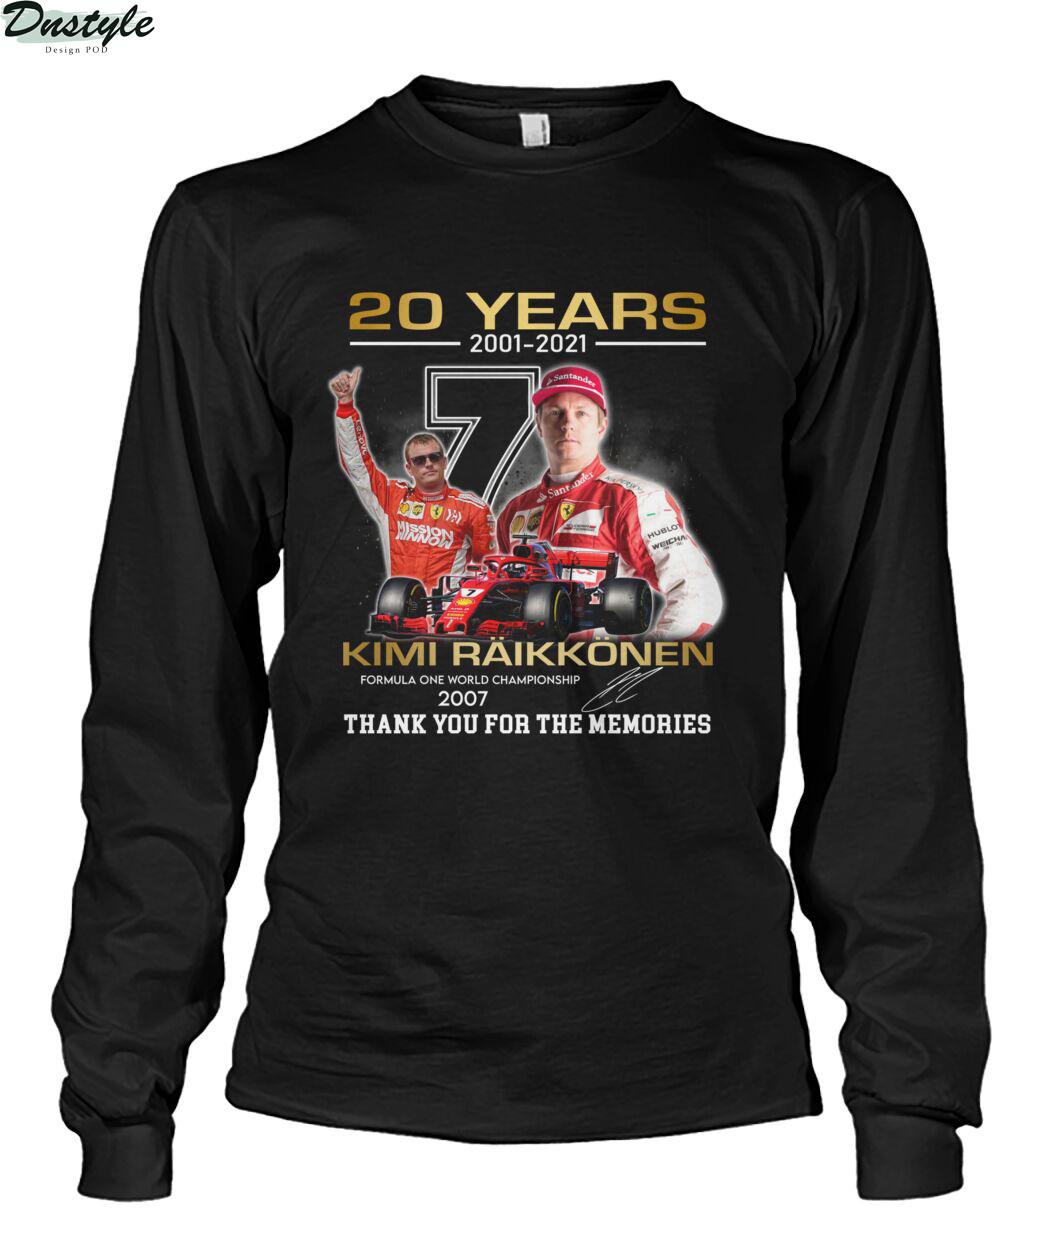 20 years 2001 2021 Kimi Räikkönen f1 world championship 2007 long sleeve